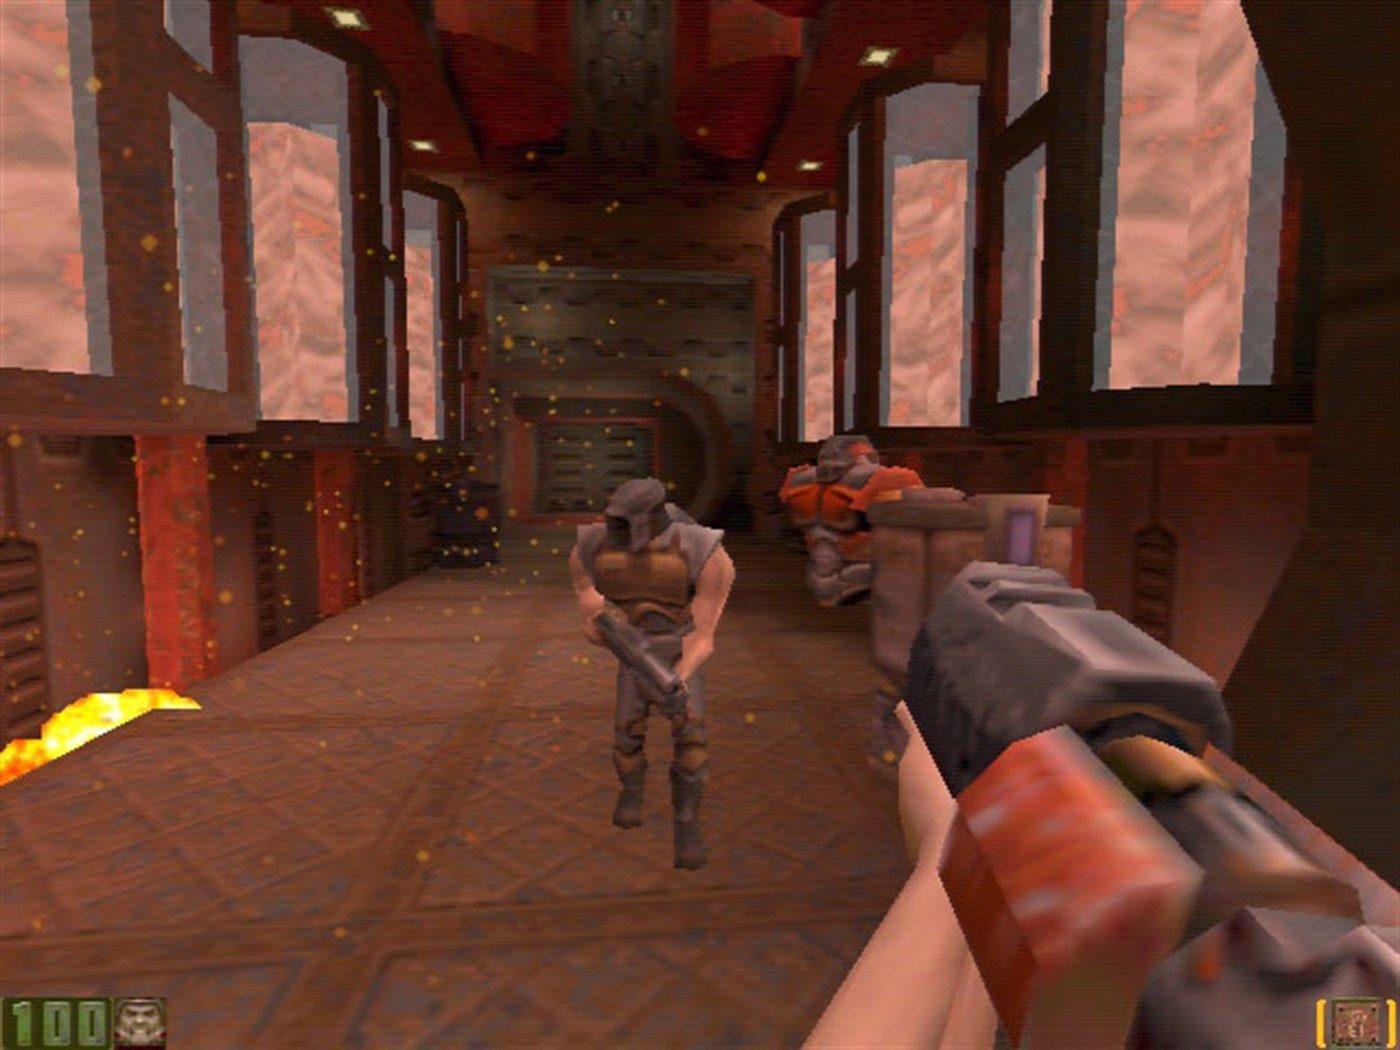 Xbox Game Studios pone a disposición de los suscriptores de Xbox Game Pass en PC, la versión original de Quake II.Xbox Game Studios pone a disposición de los suscriptores de Xbox Game Pass en PC, la versión original de Quake II.